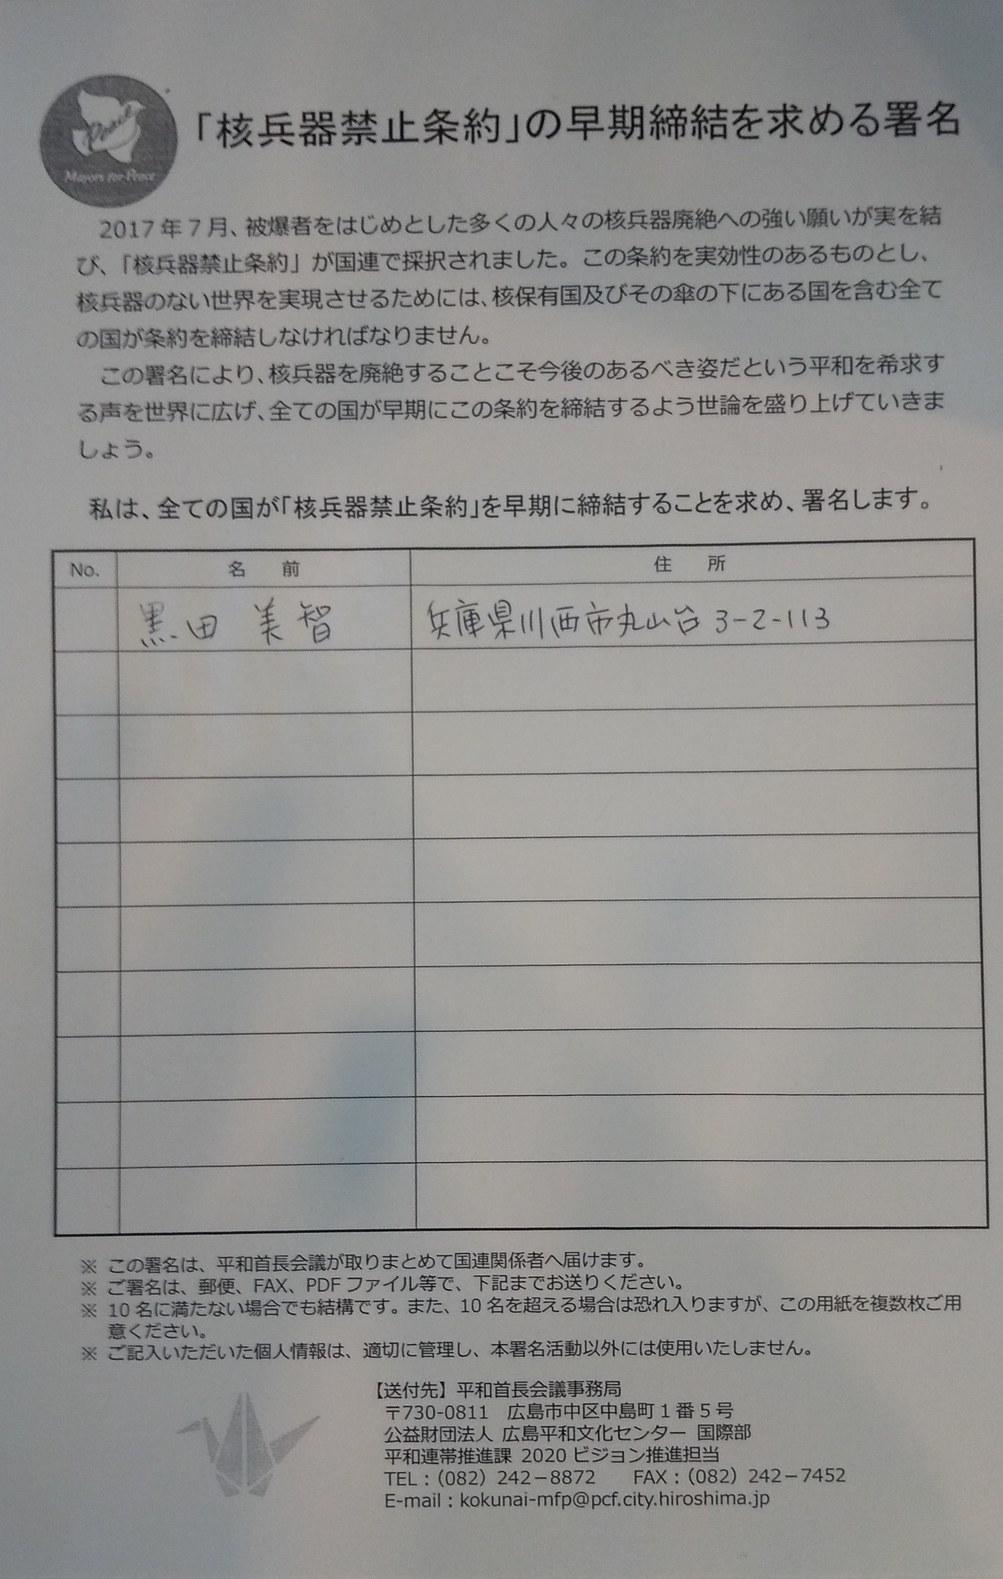 😊 7月臨時議会が行われます 📝 市役所ロビーで平和・核兵器廃絶の署名 👍️7月7日国民平和大行進 🌝_f0061067_23372511.jpg